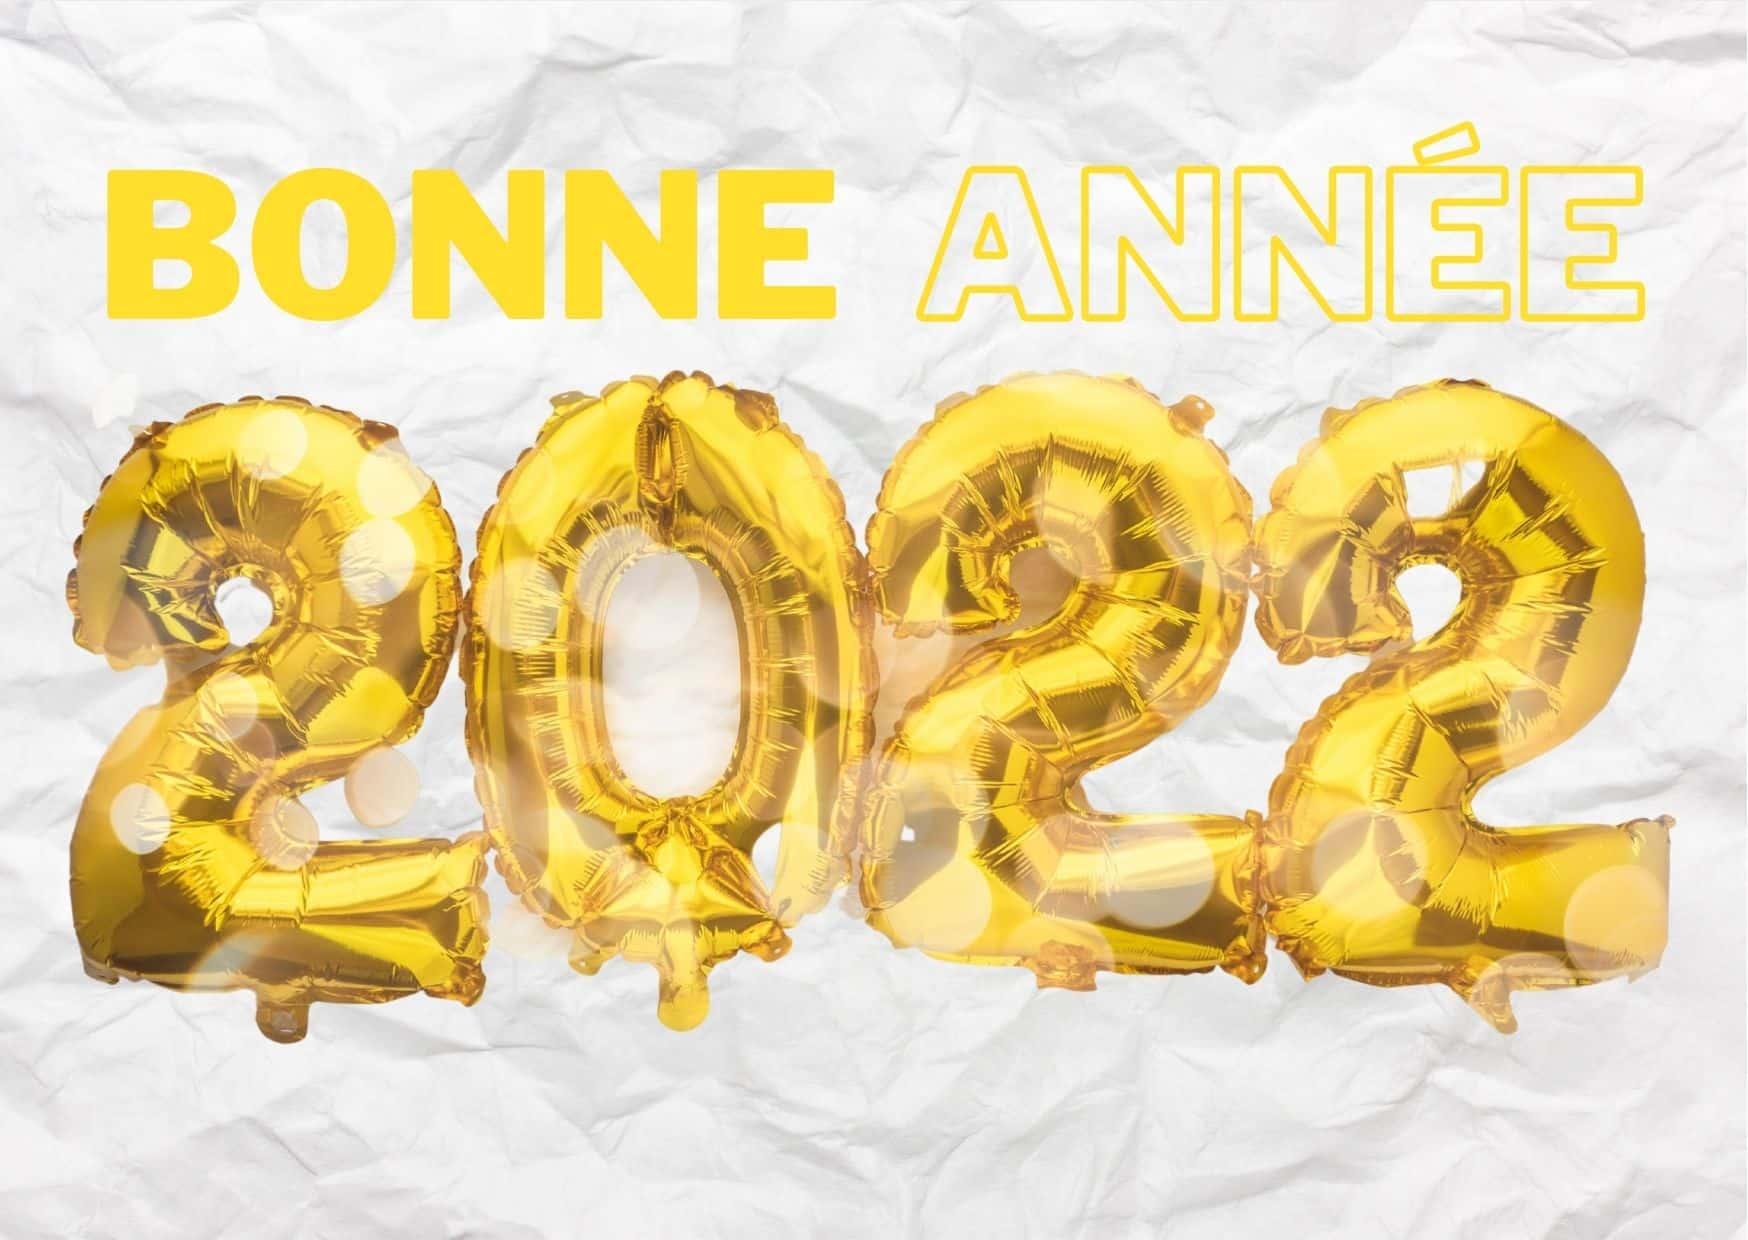 2022 bonnes fêtes de fin d'année